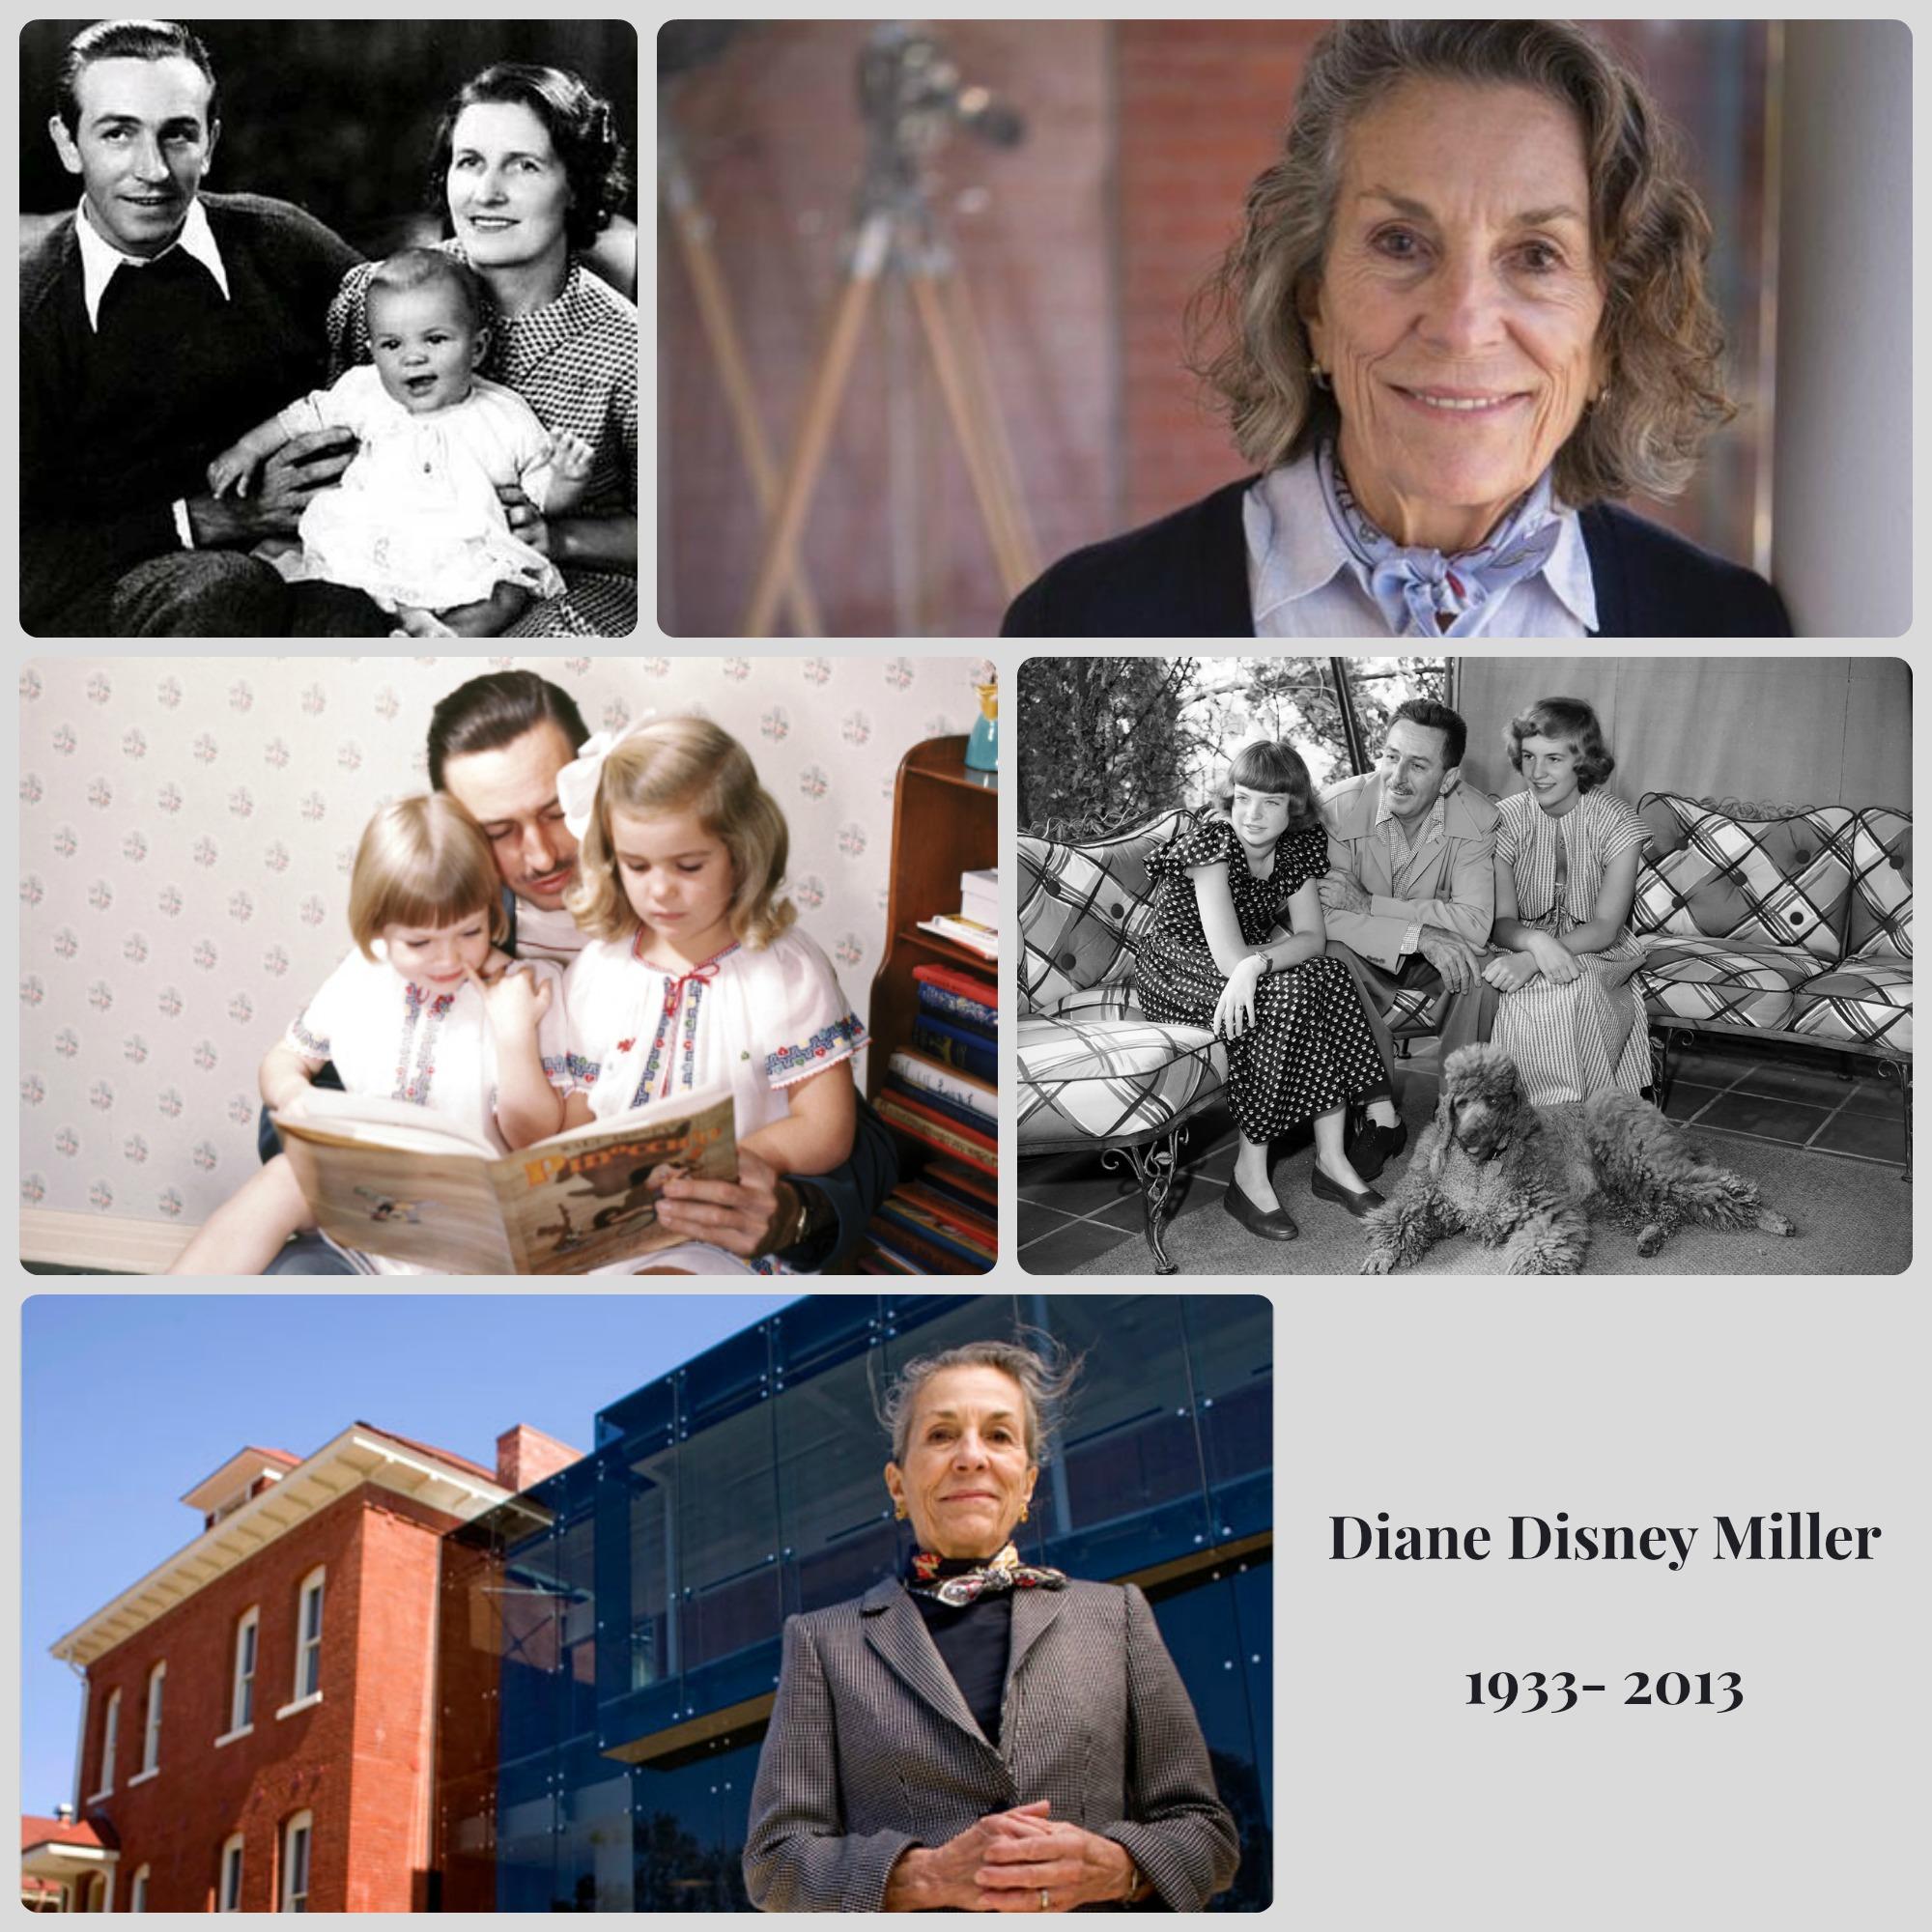 In Memory of Diane Disney Miller